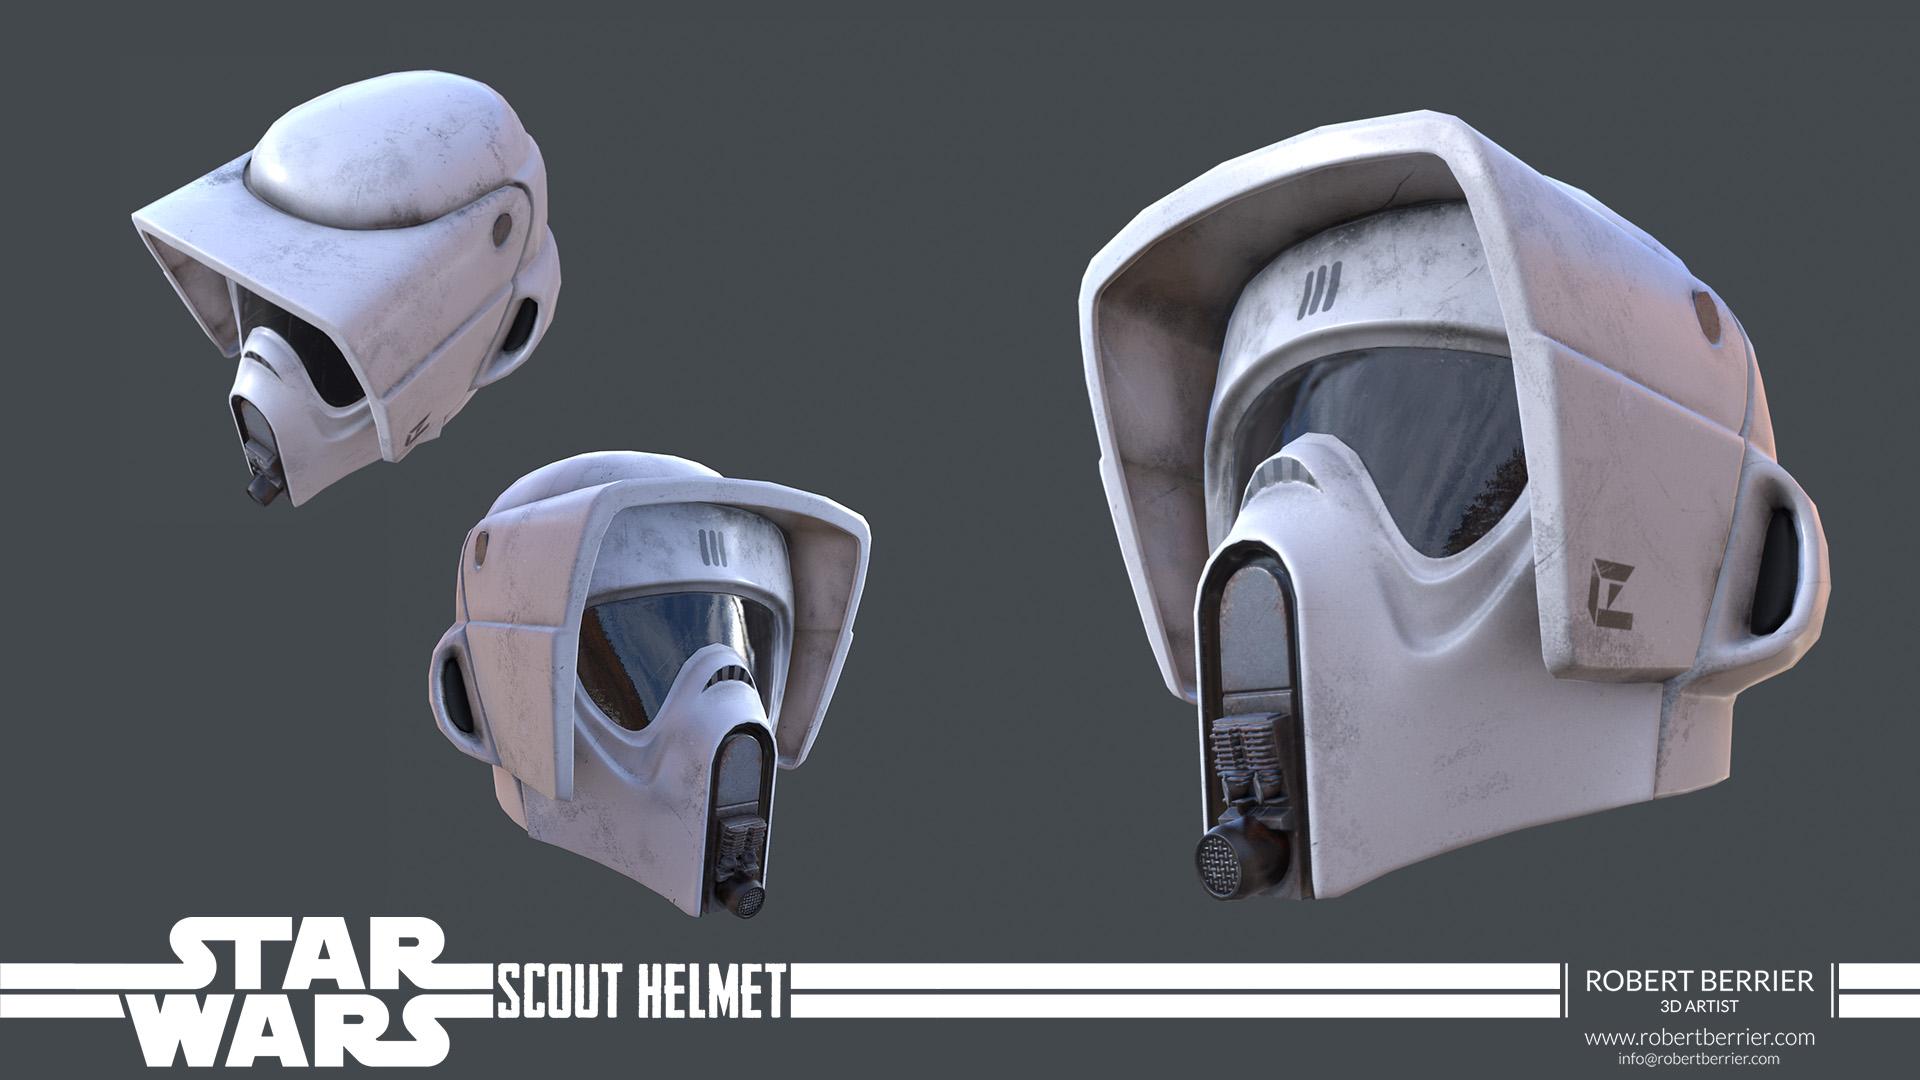 Robert Berrier - Star Wars Scout Helmet 01